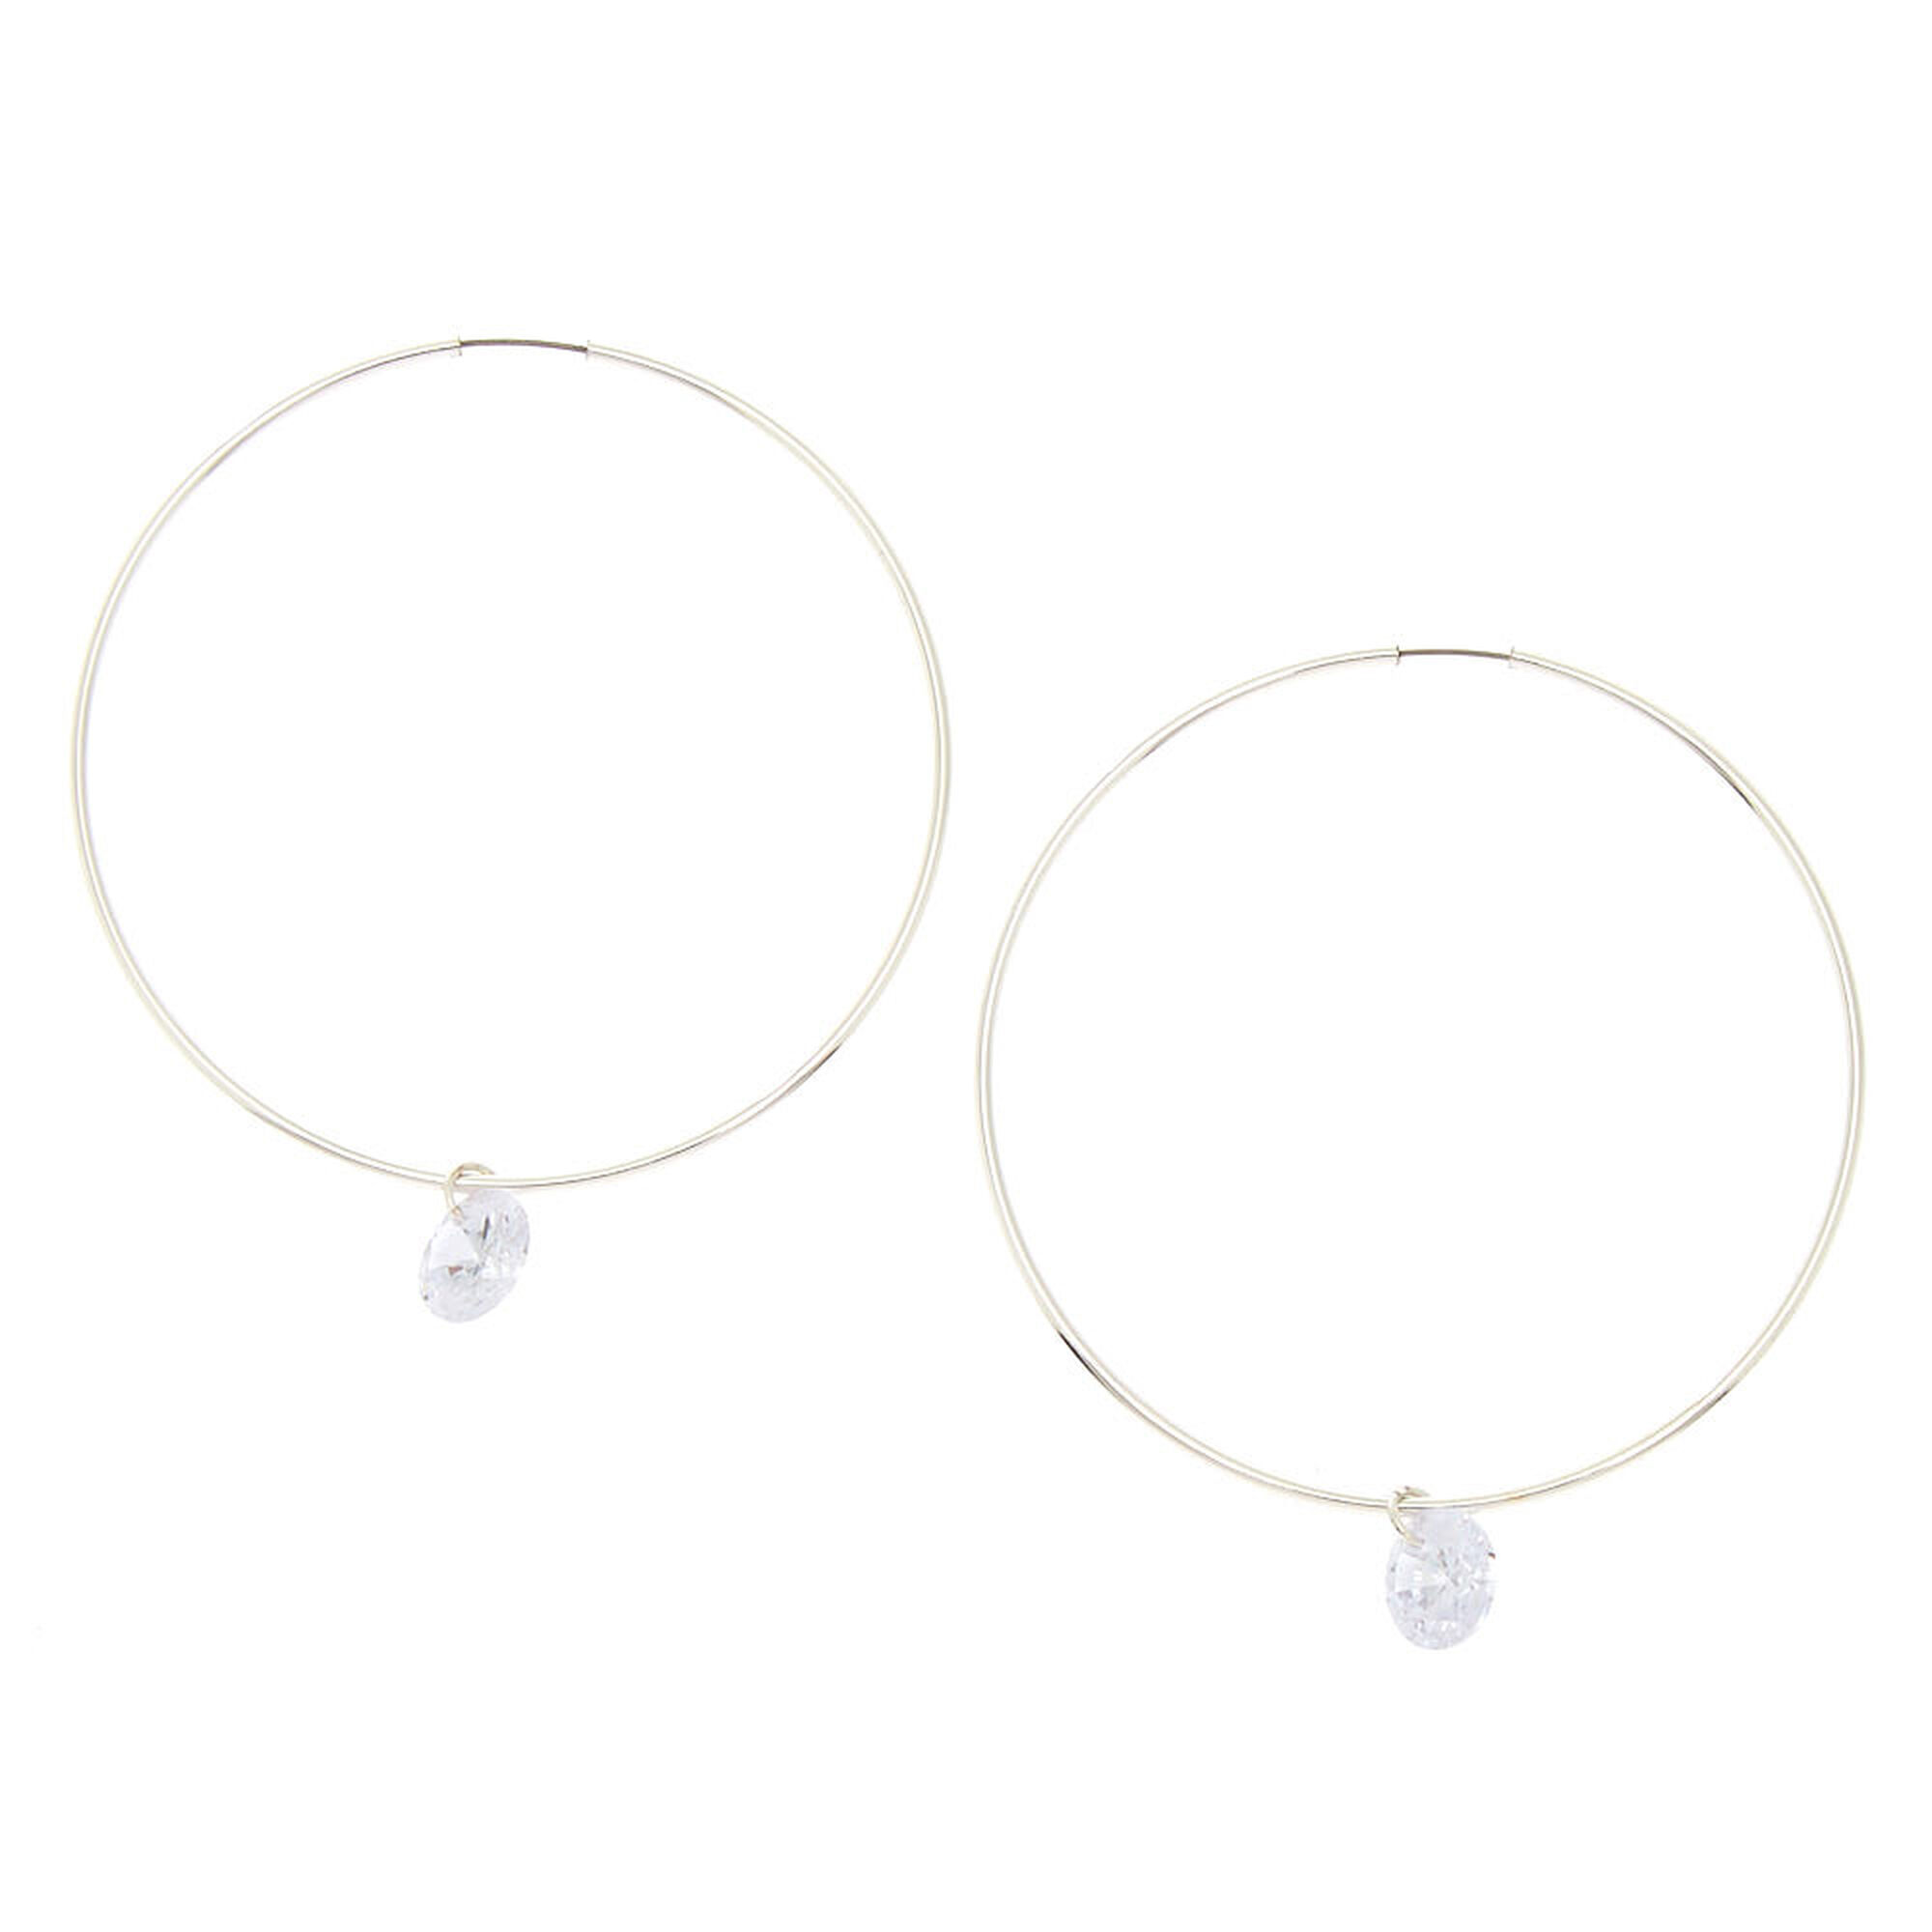 Cubic Zirconia Charm 50mm Hoop Earrings